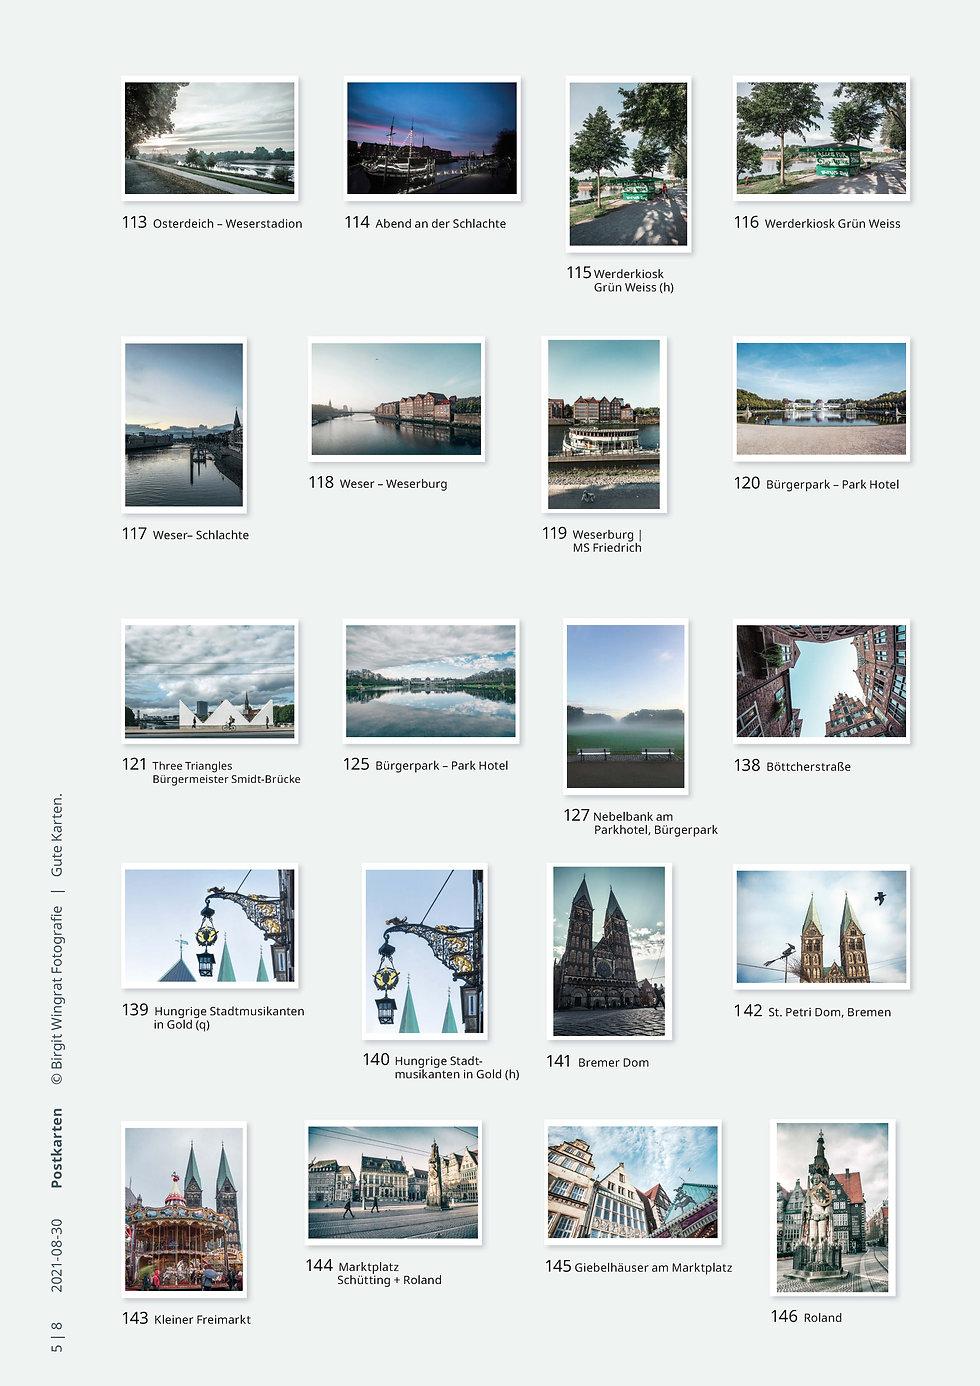 Gute Karten_PK_2021-08-30_Seite_5.jpg